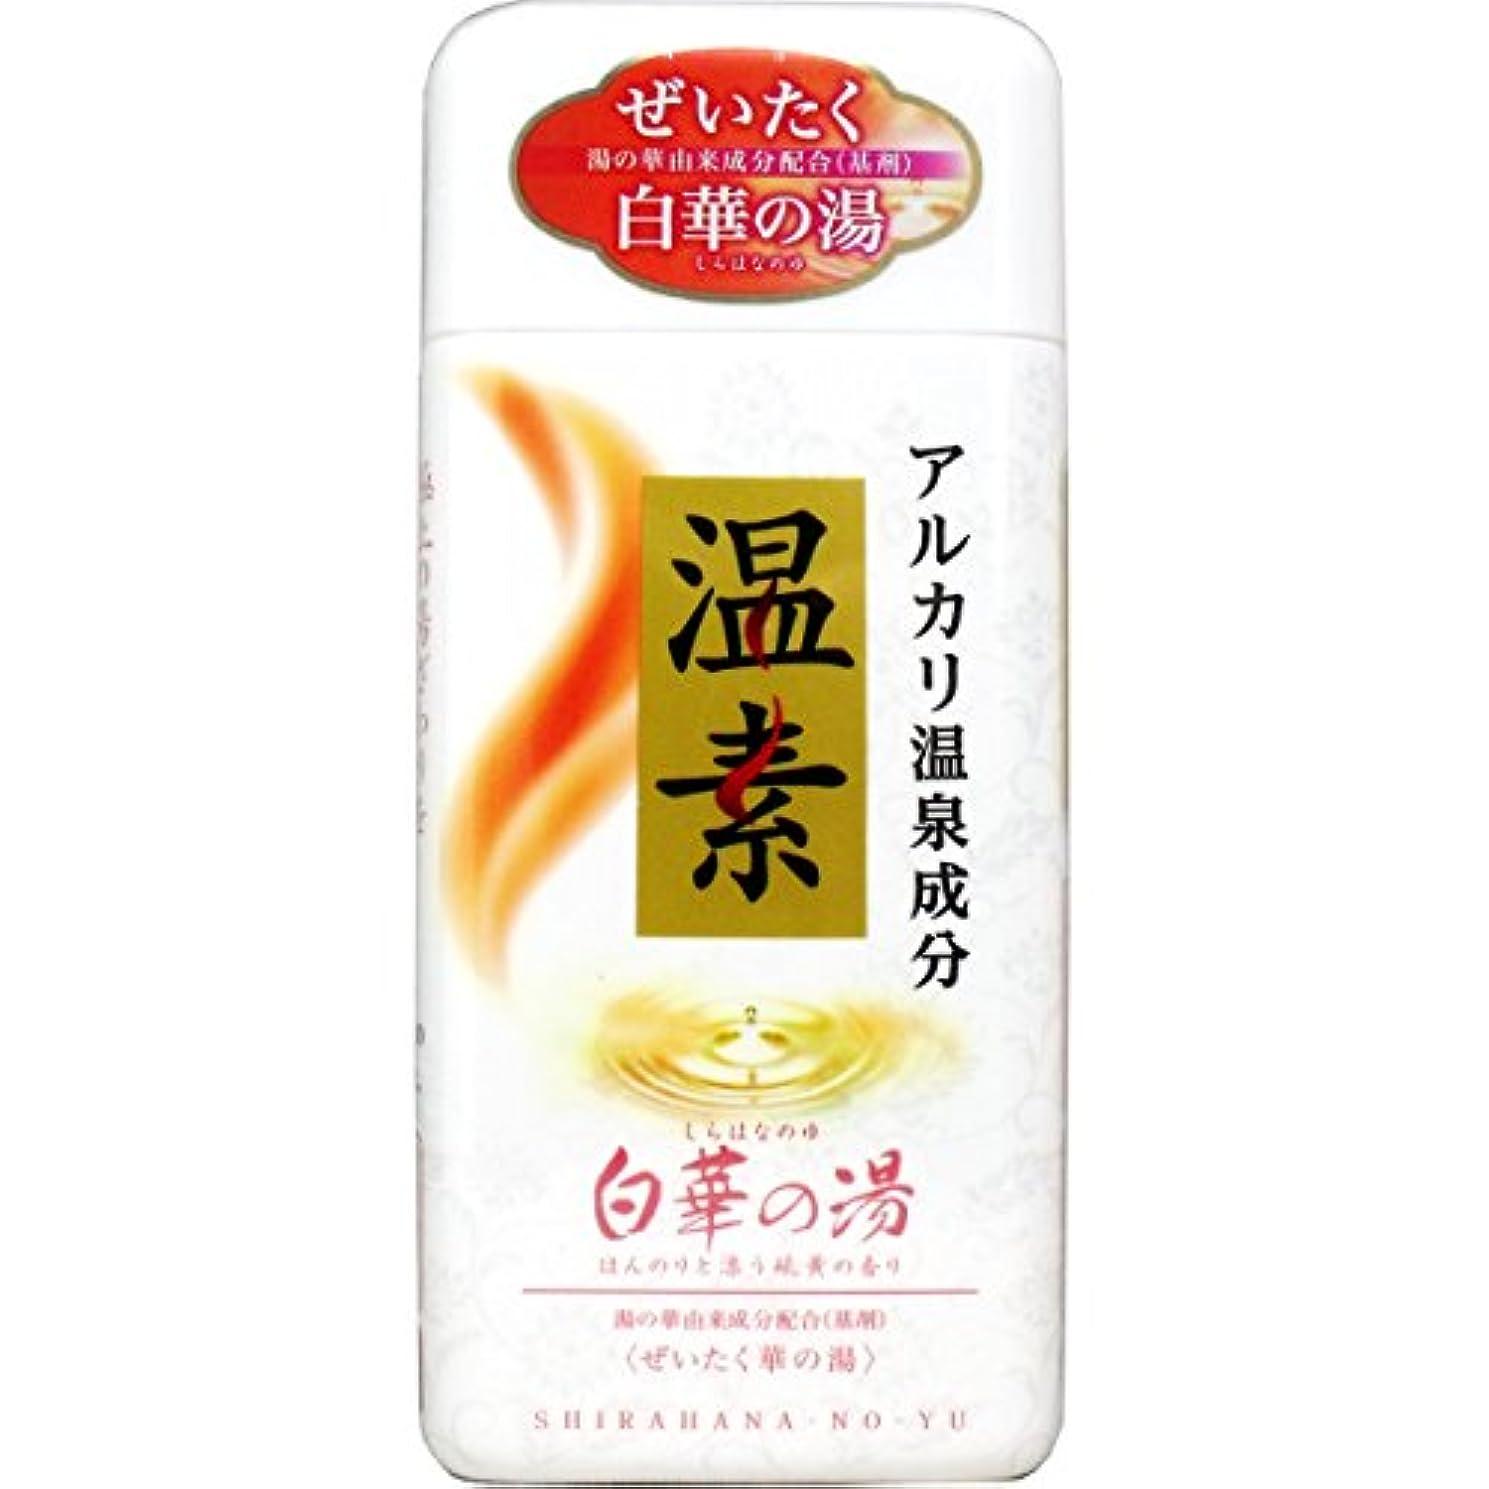 アレルギーシュート傑出した入浴剤 ぜいたく華の湯 リラックス用品 アルカリ温泉成分 温素 入浴剤 白華の湯 硫黄の香り 600g入